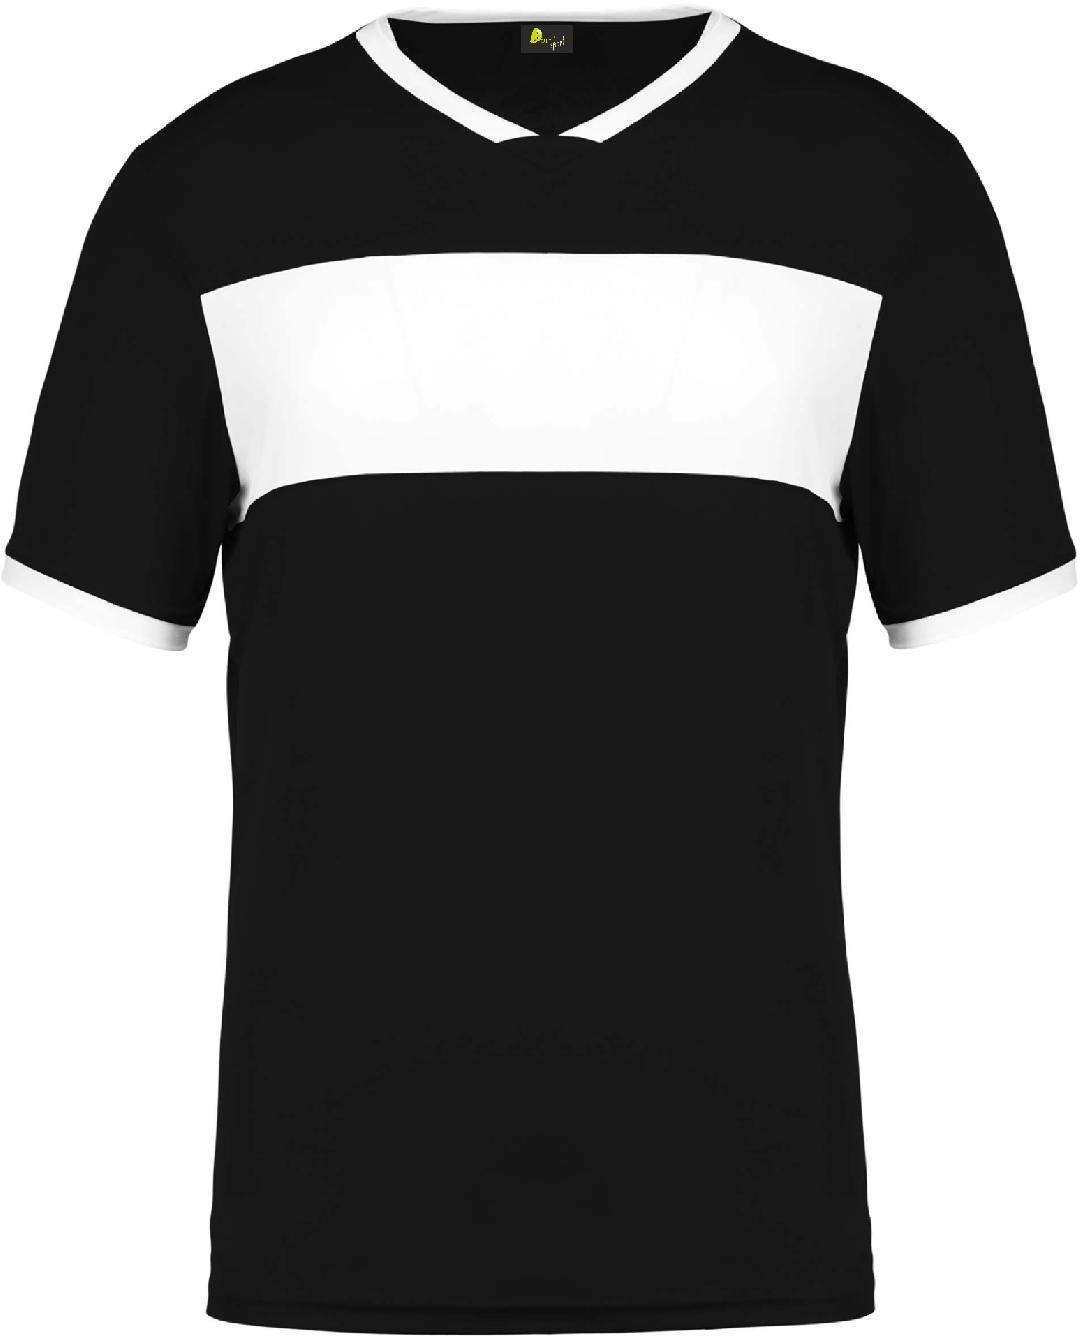 T-shirt de manga curta de Homem